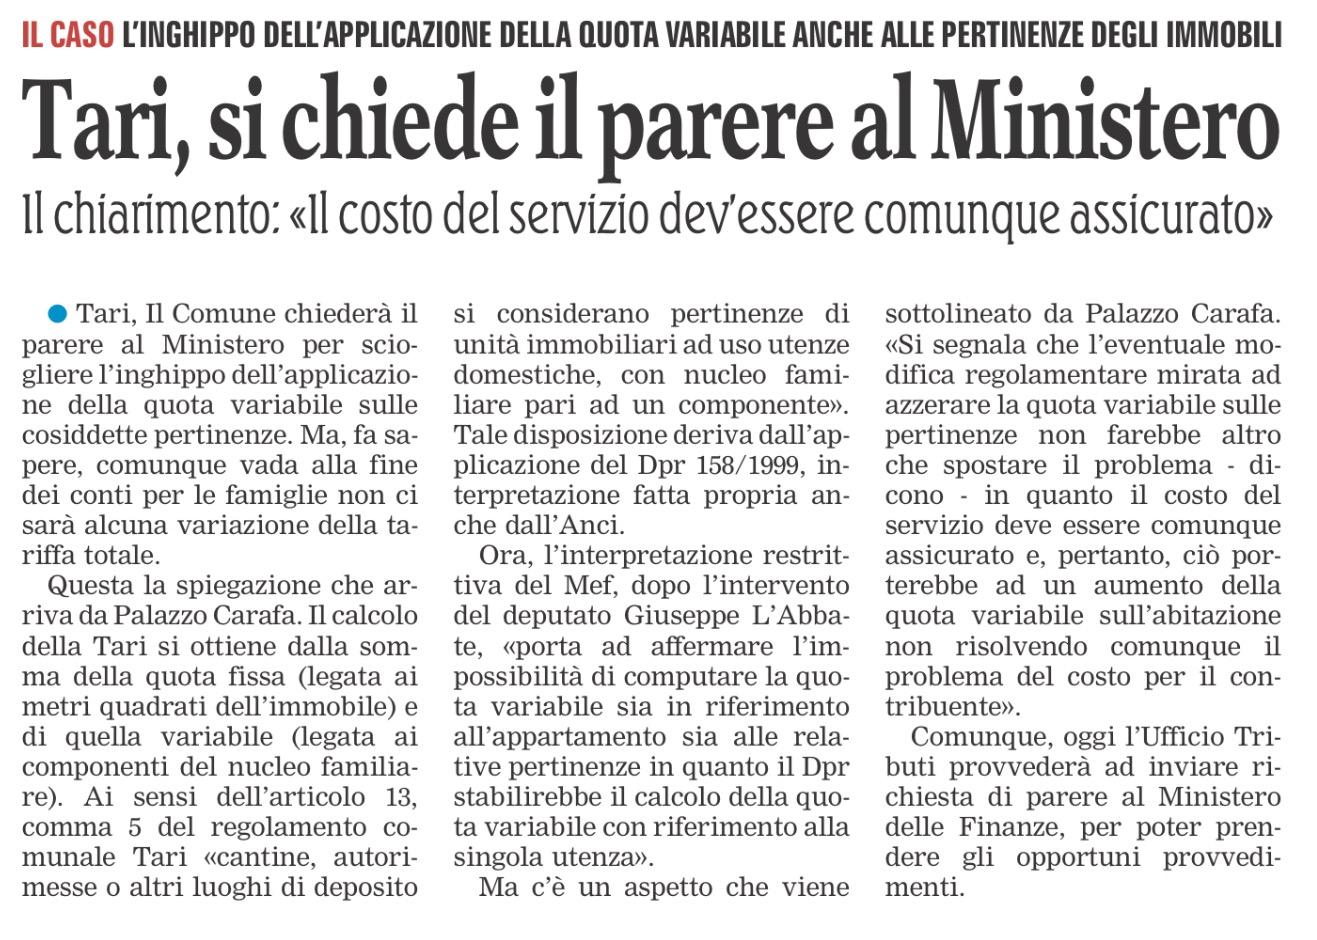 La Gazzetta del Mezzogiorno - Lecce - 13.11.2017